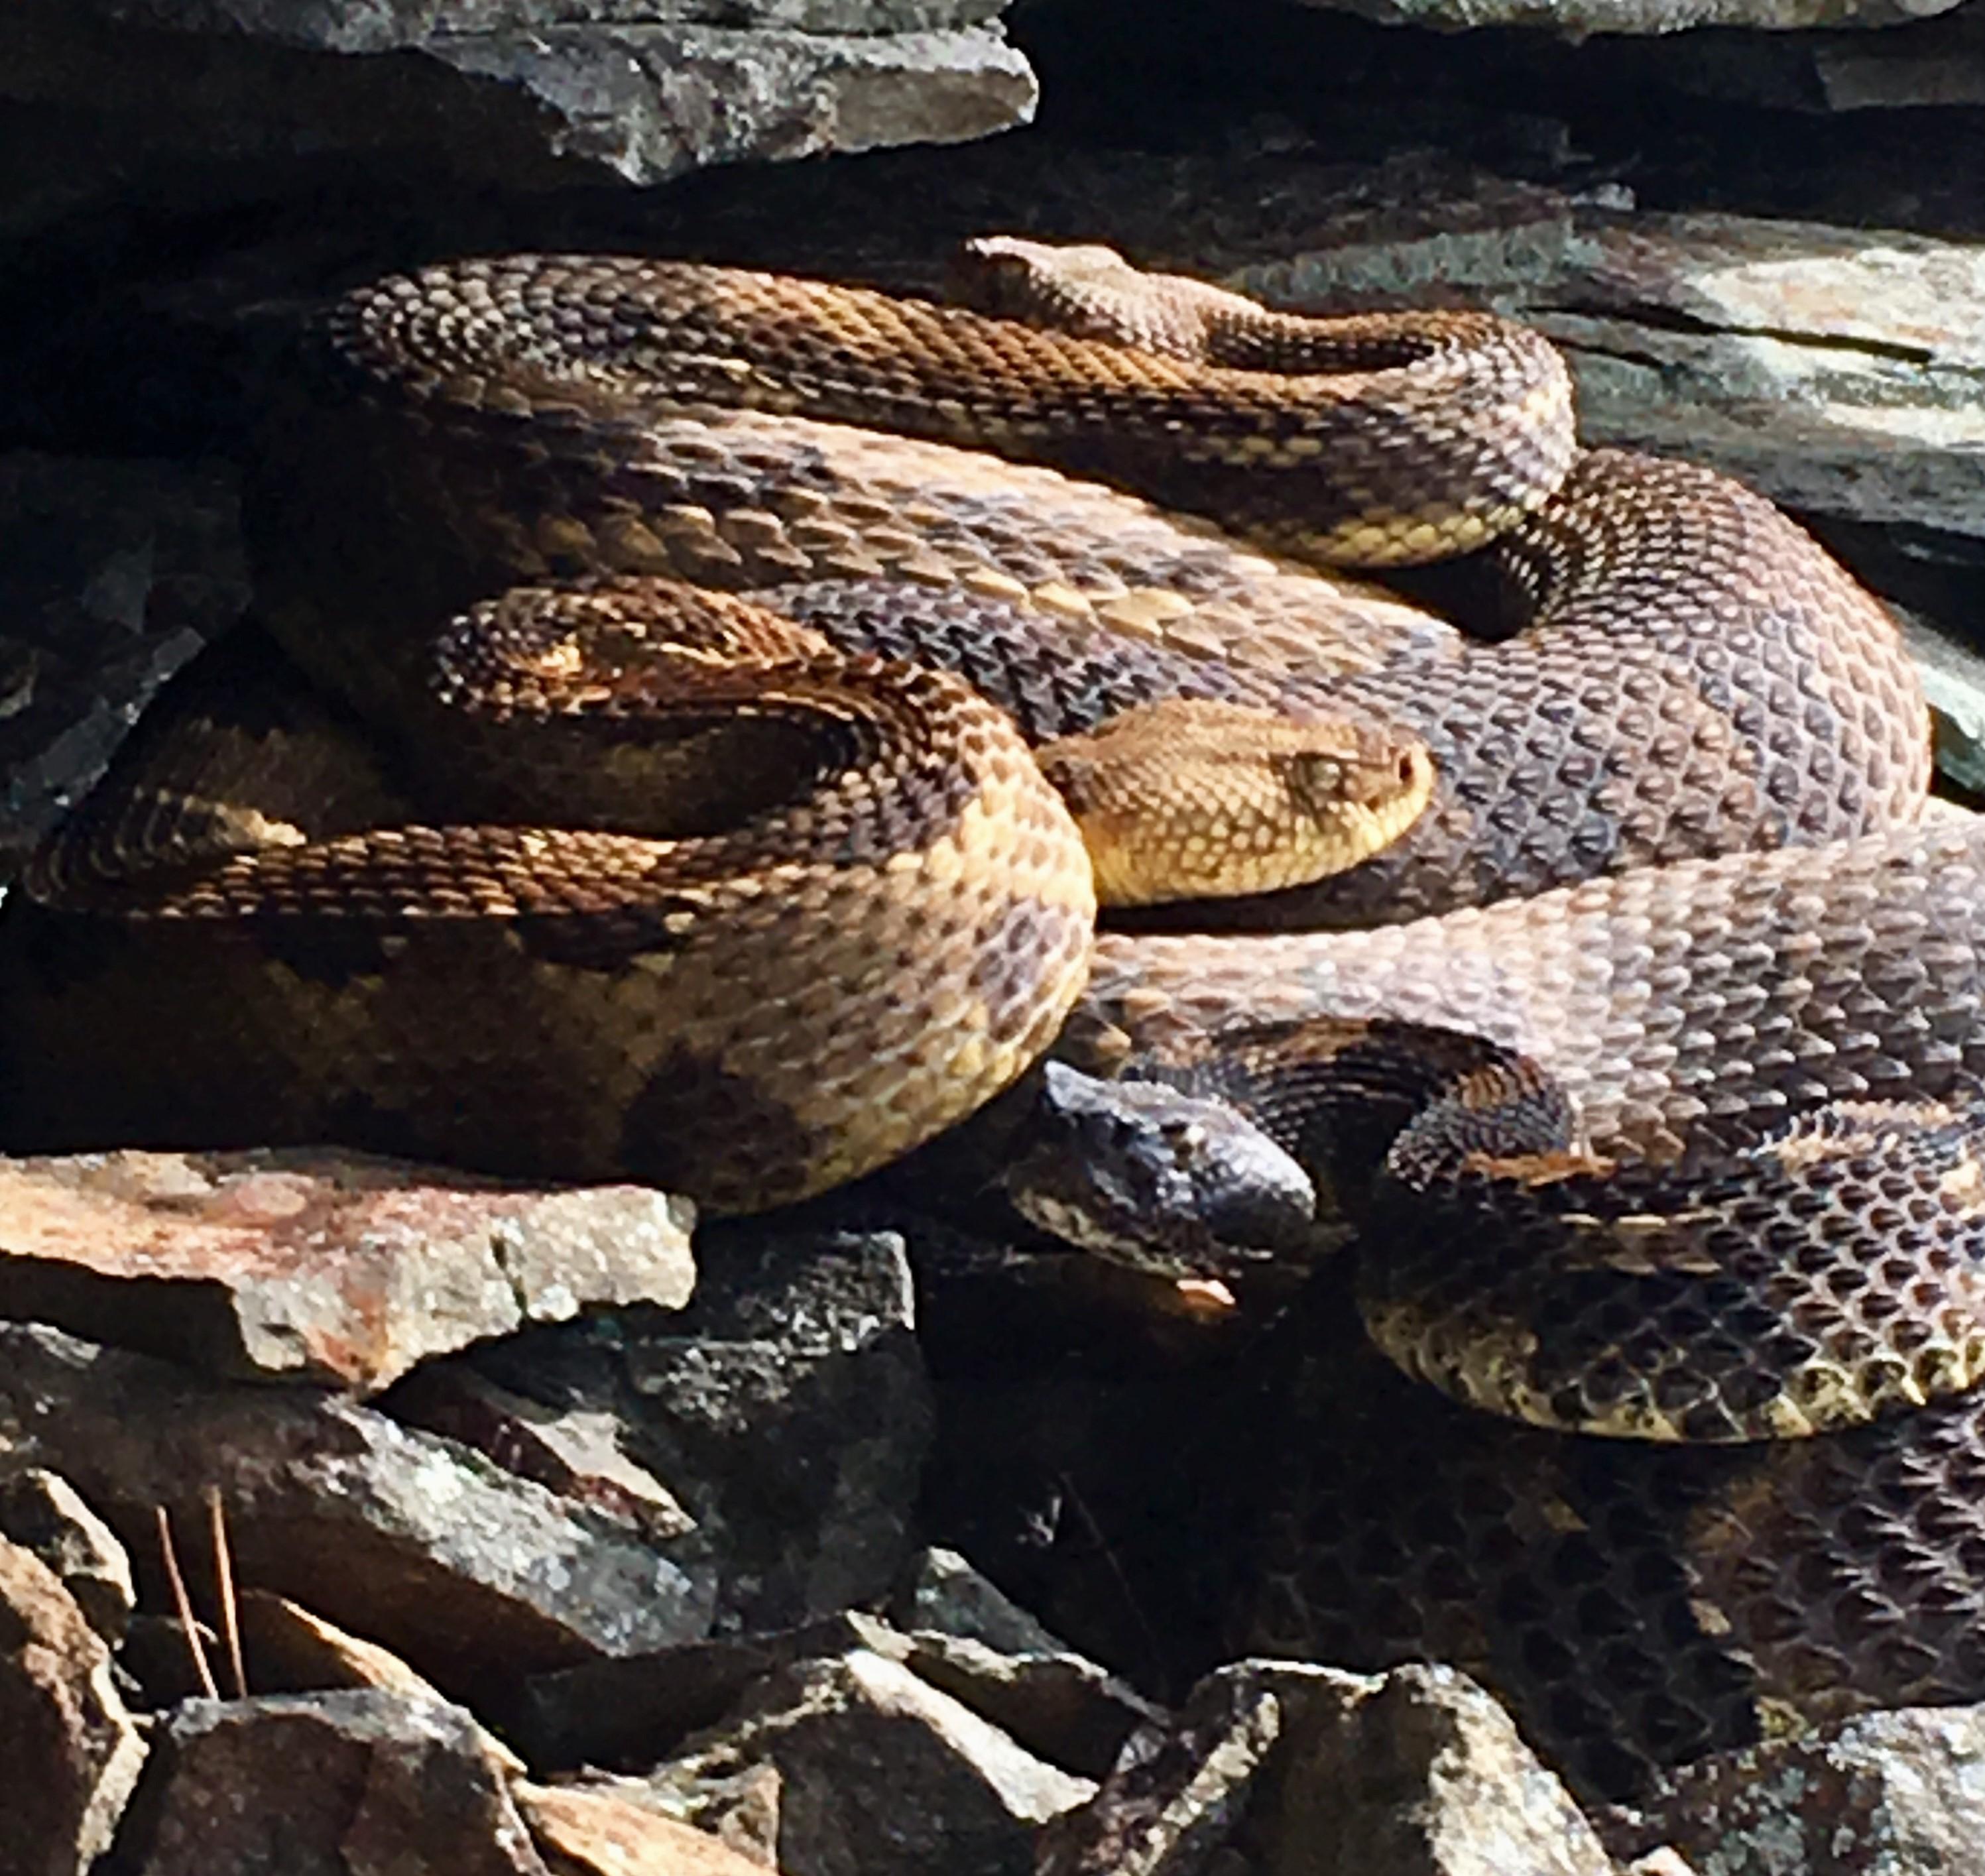 Timber rattlesnakes hibernating in their den